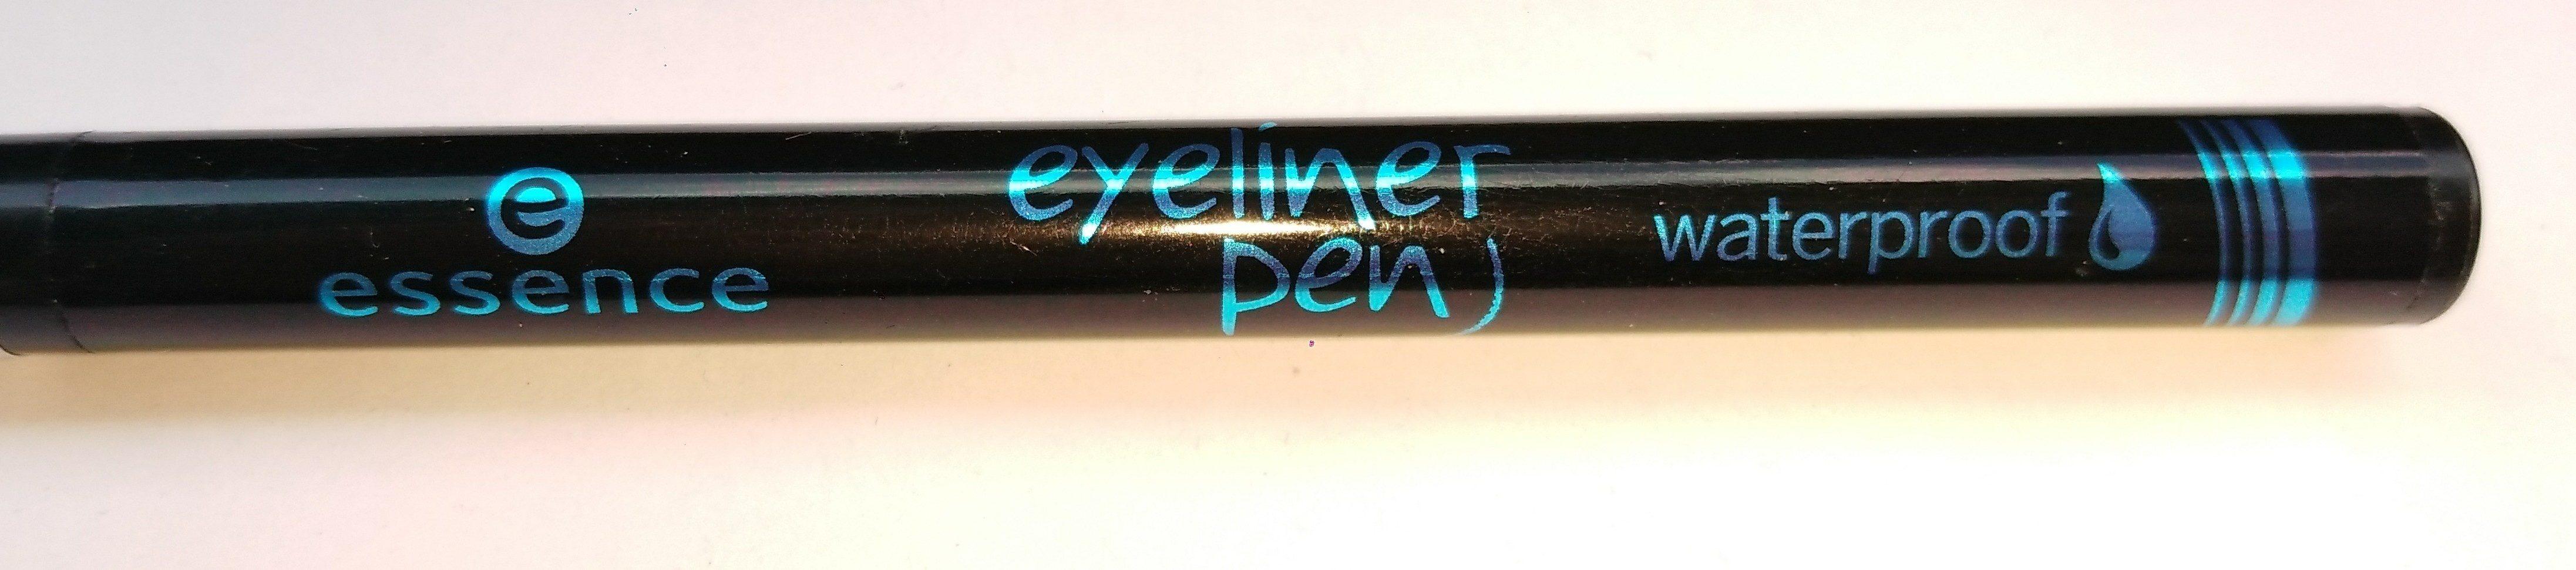 Eyeliner pen waterproof - Product - de